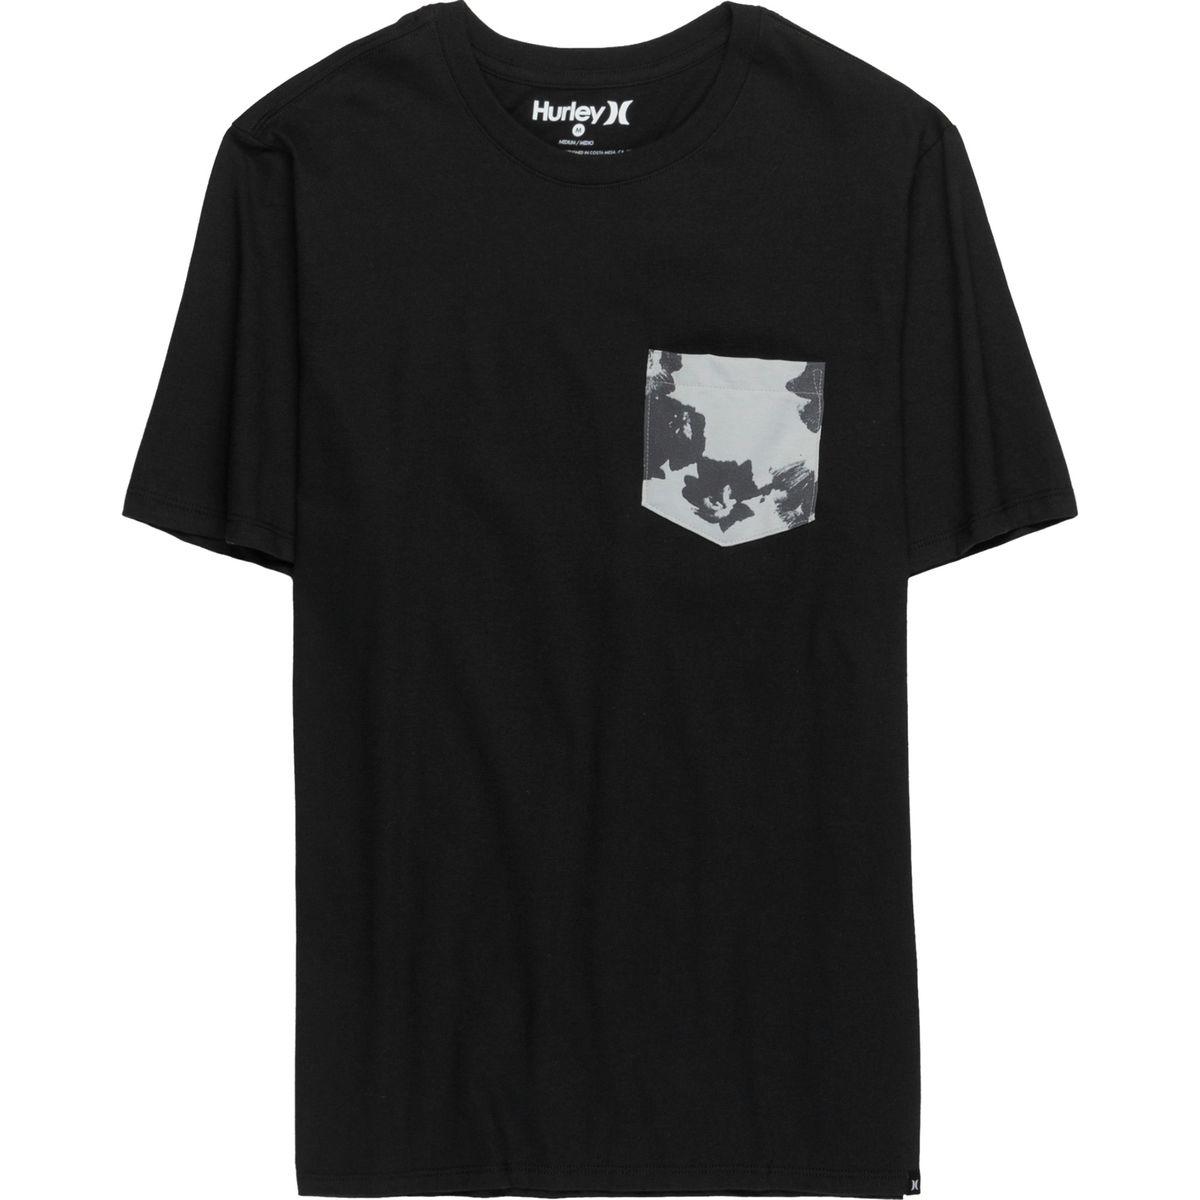 Hurley Swarm Pocket Short-Sleeve T-Shirt - Men